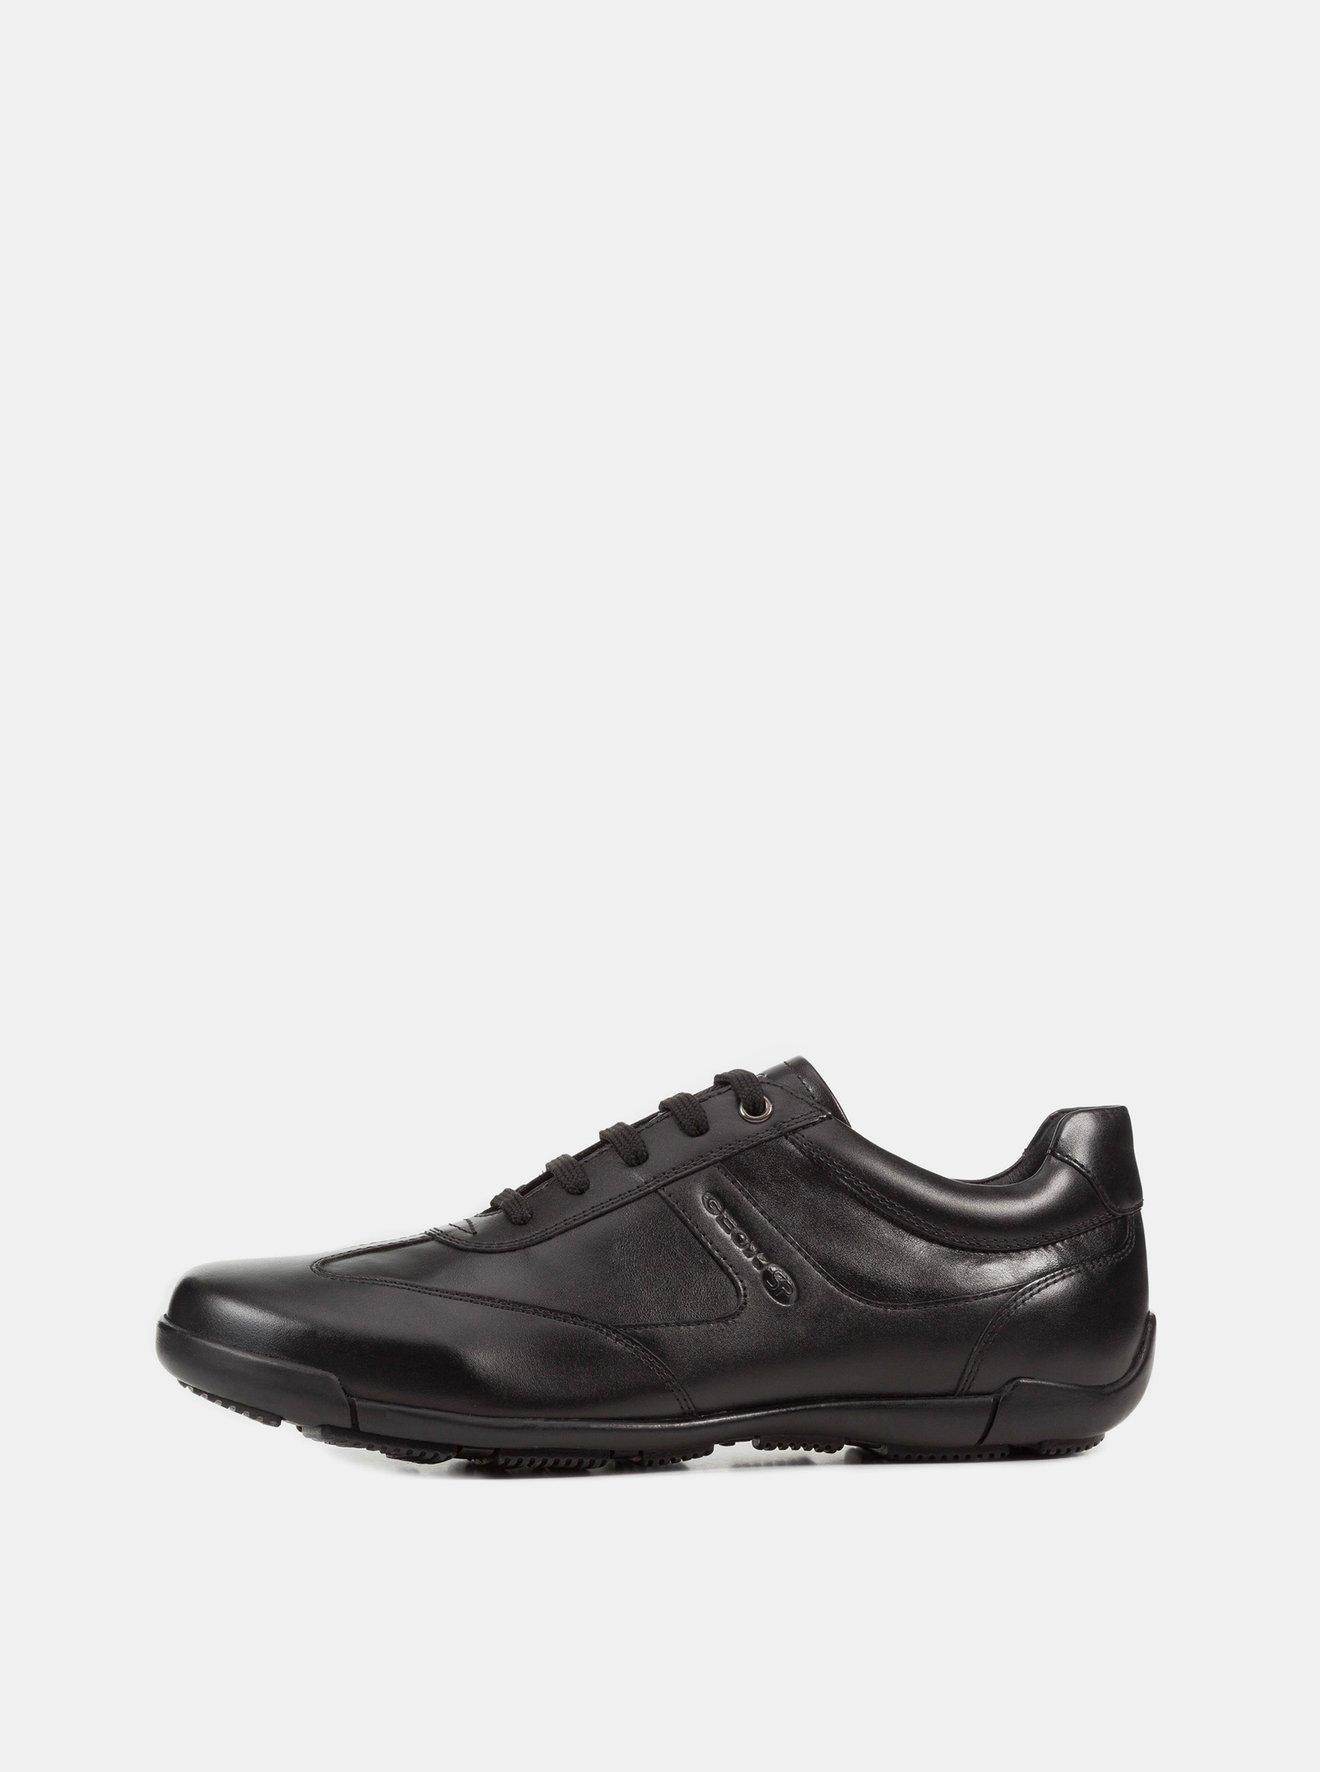 Černé pánské tenisky s koženými detaily Geox Edgware